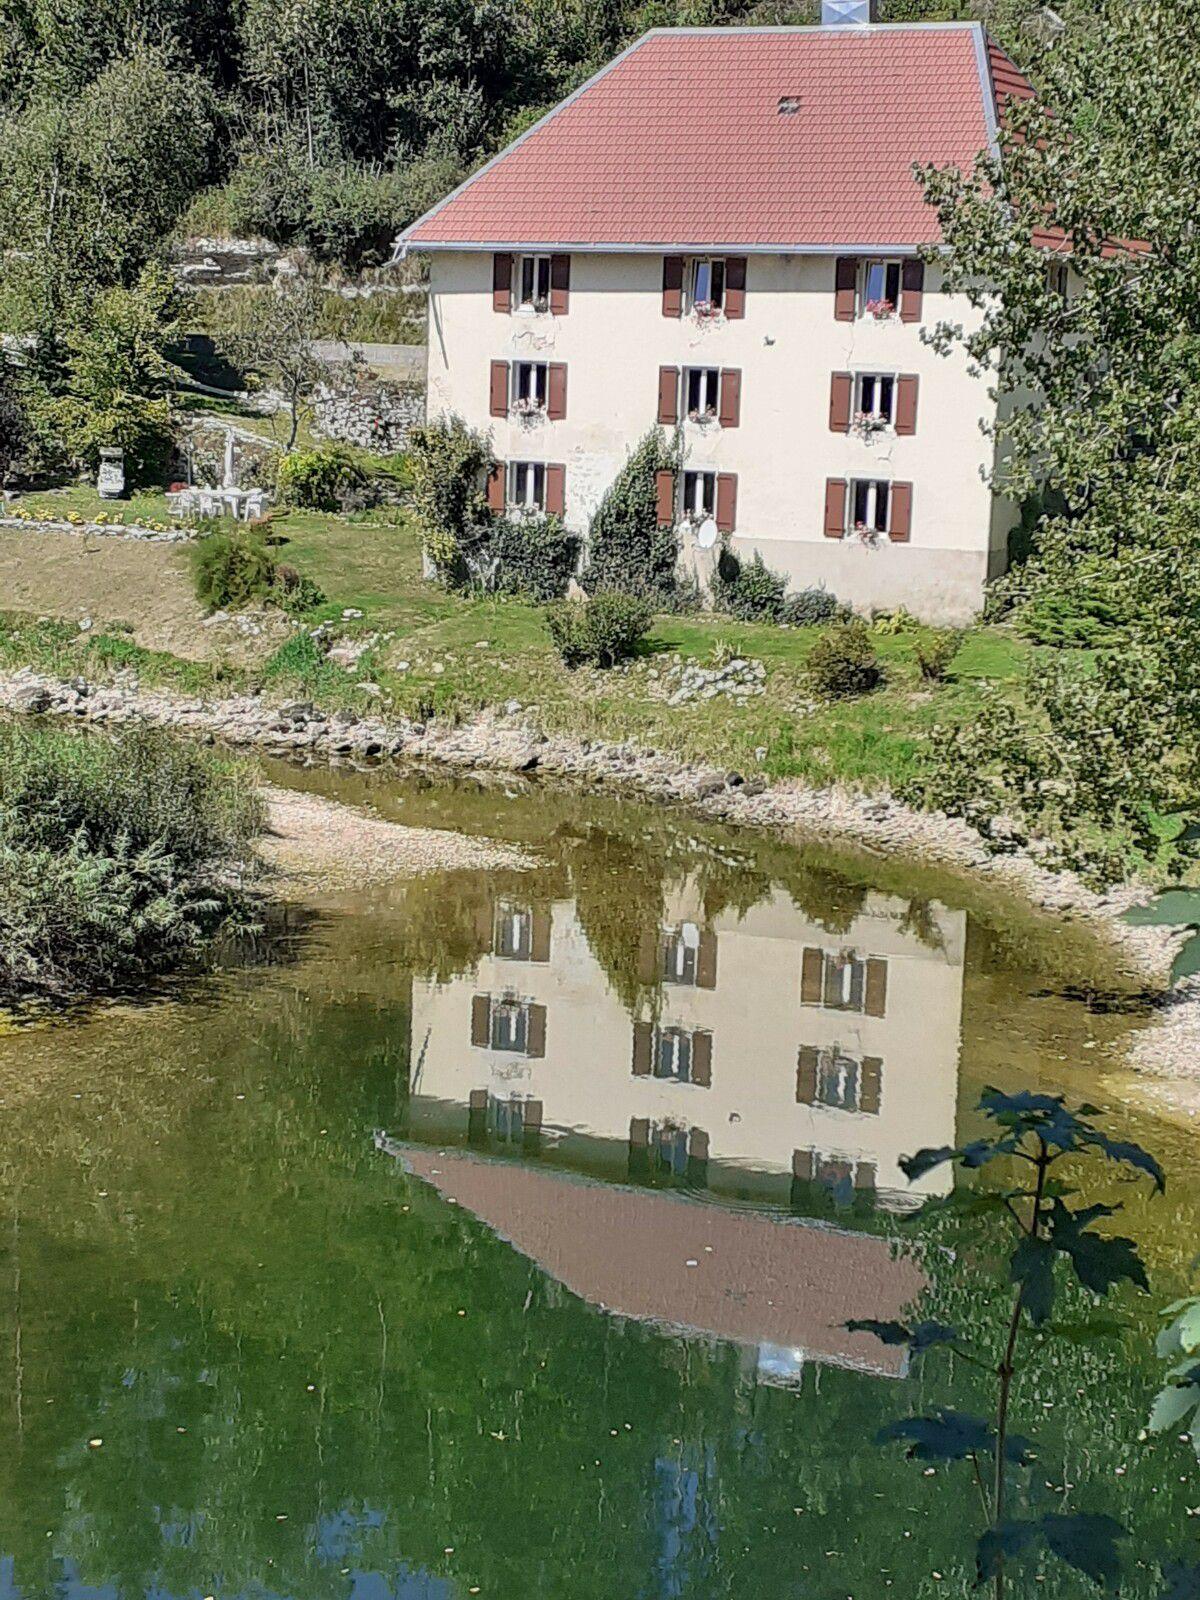 9 - Reflet suisse d'une maison suisse